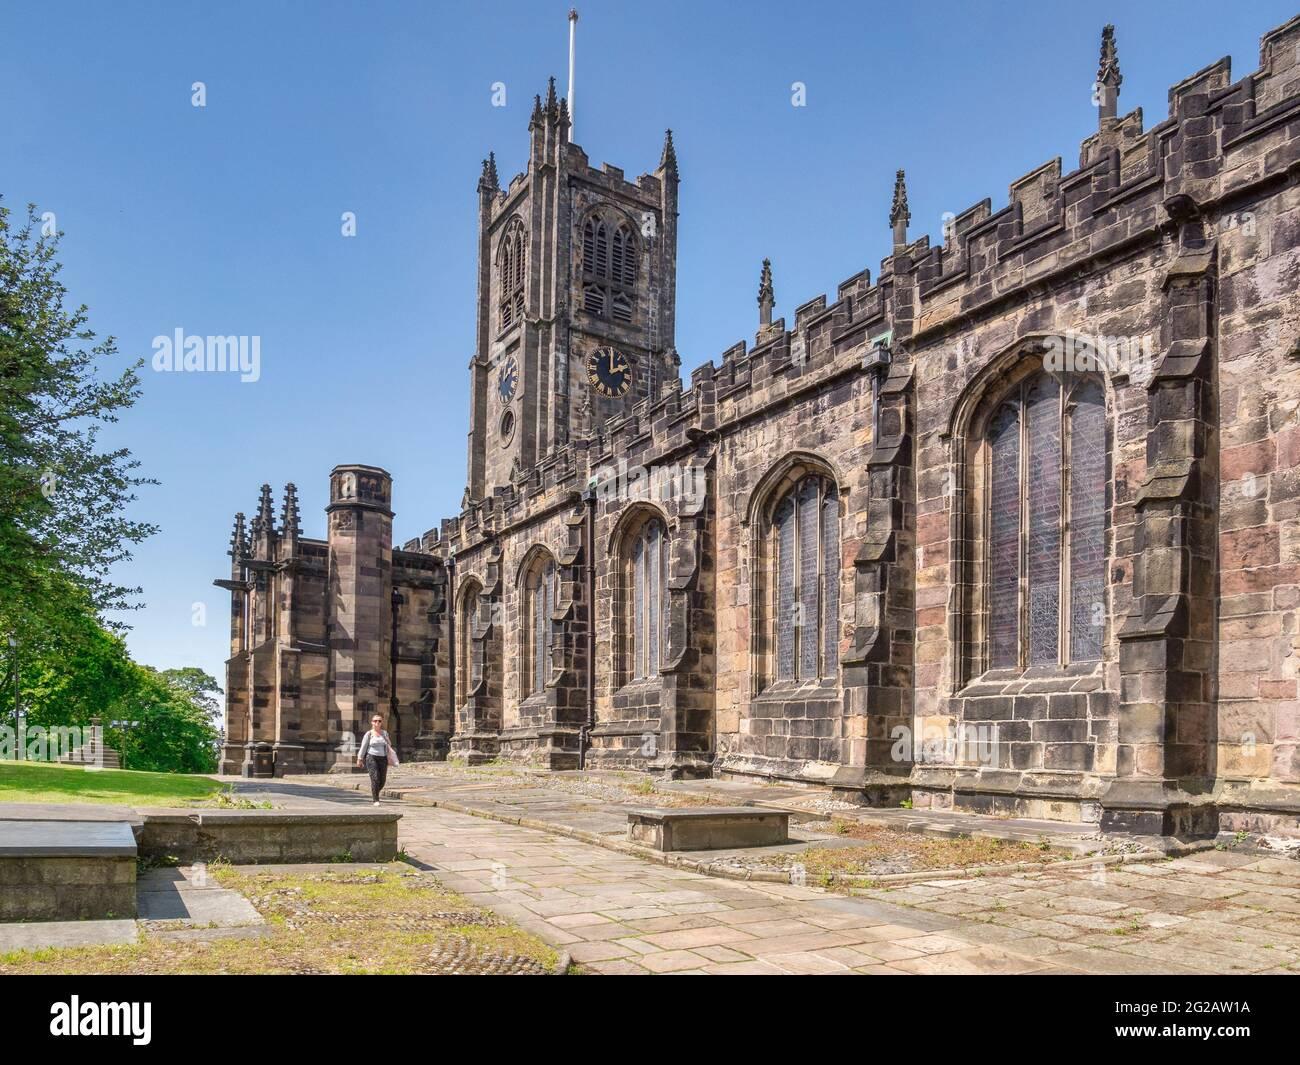 12 de julio de 2020: Lancaster, Reino Unido - La Iglesia del Priorato de Santa María en verano, la mujer caminando. Foto de stock